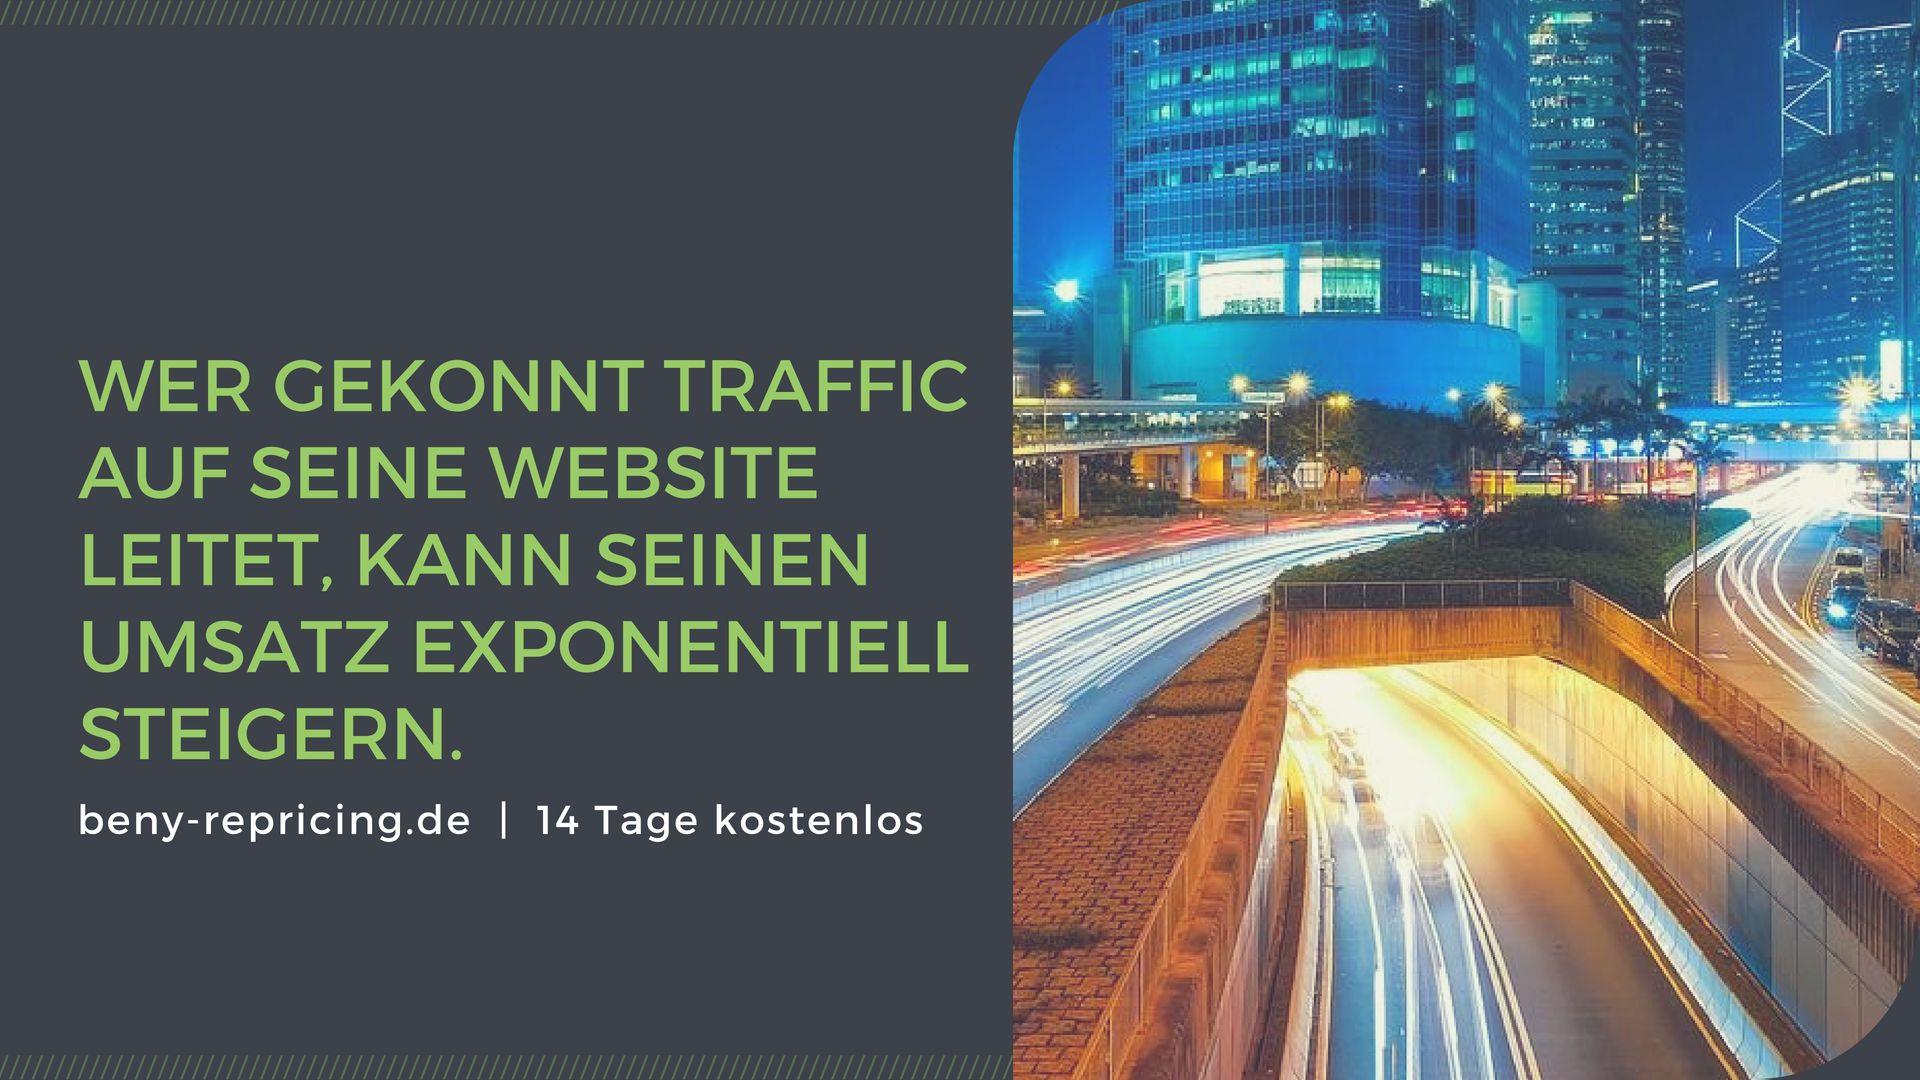 Web-Traffic ist nicht – wie viele Leute meinen – eine Eitelkeitskennzahl. Es ist das Gesetz der Zahlen: Wer gekonnt Traffic auf seine Website leitet, kann seinen Umsatz exponentiell steigern.  Warum das… Mehr lesen